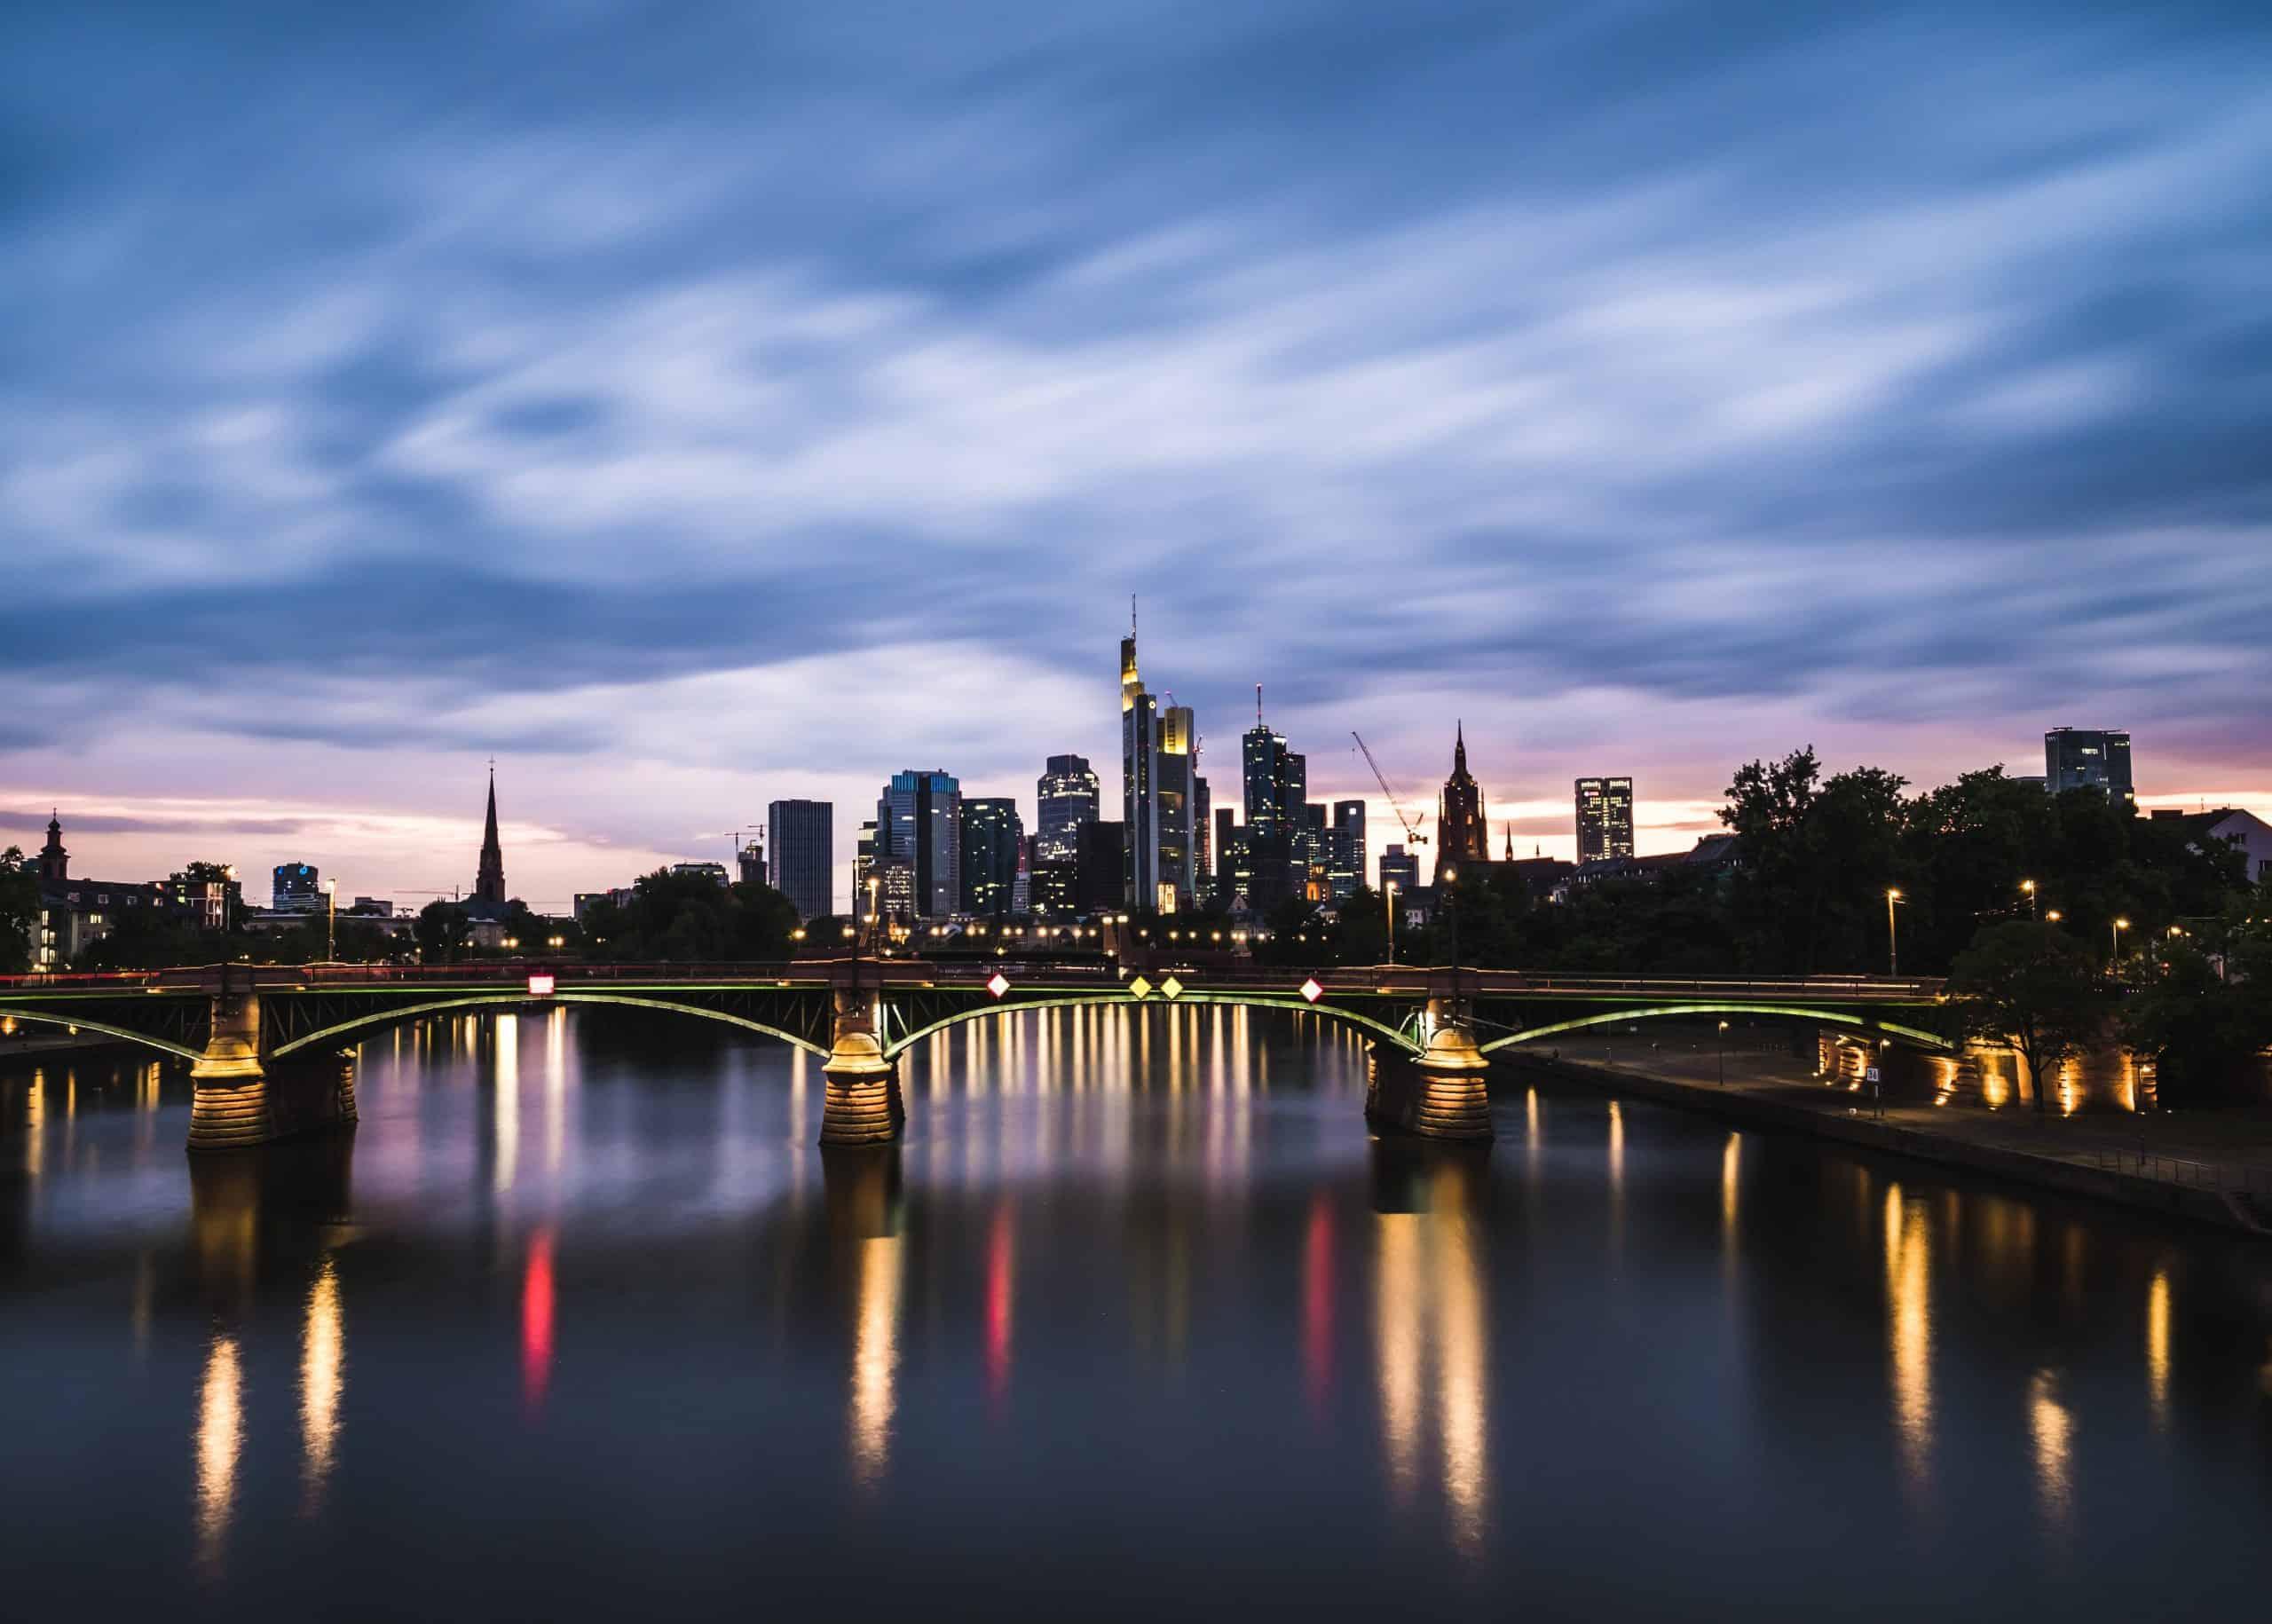 Führender Frankfurter Immobilieninvestor erwirbt Bürohochhaus in Australien